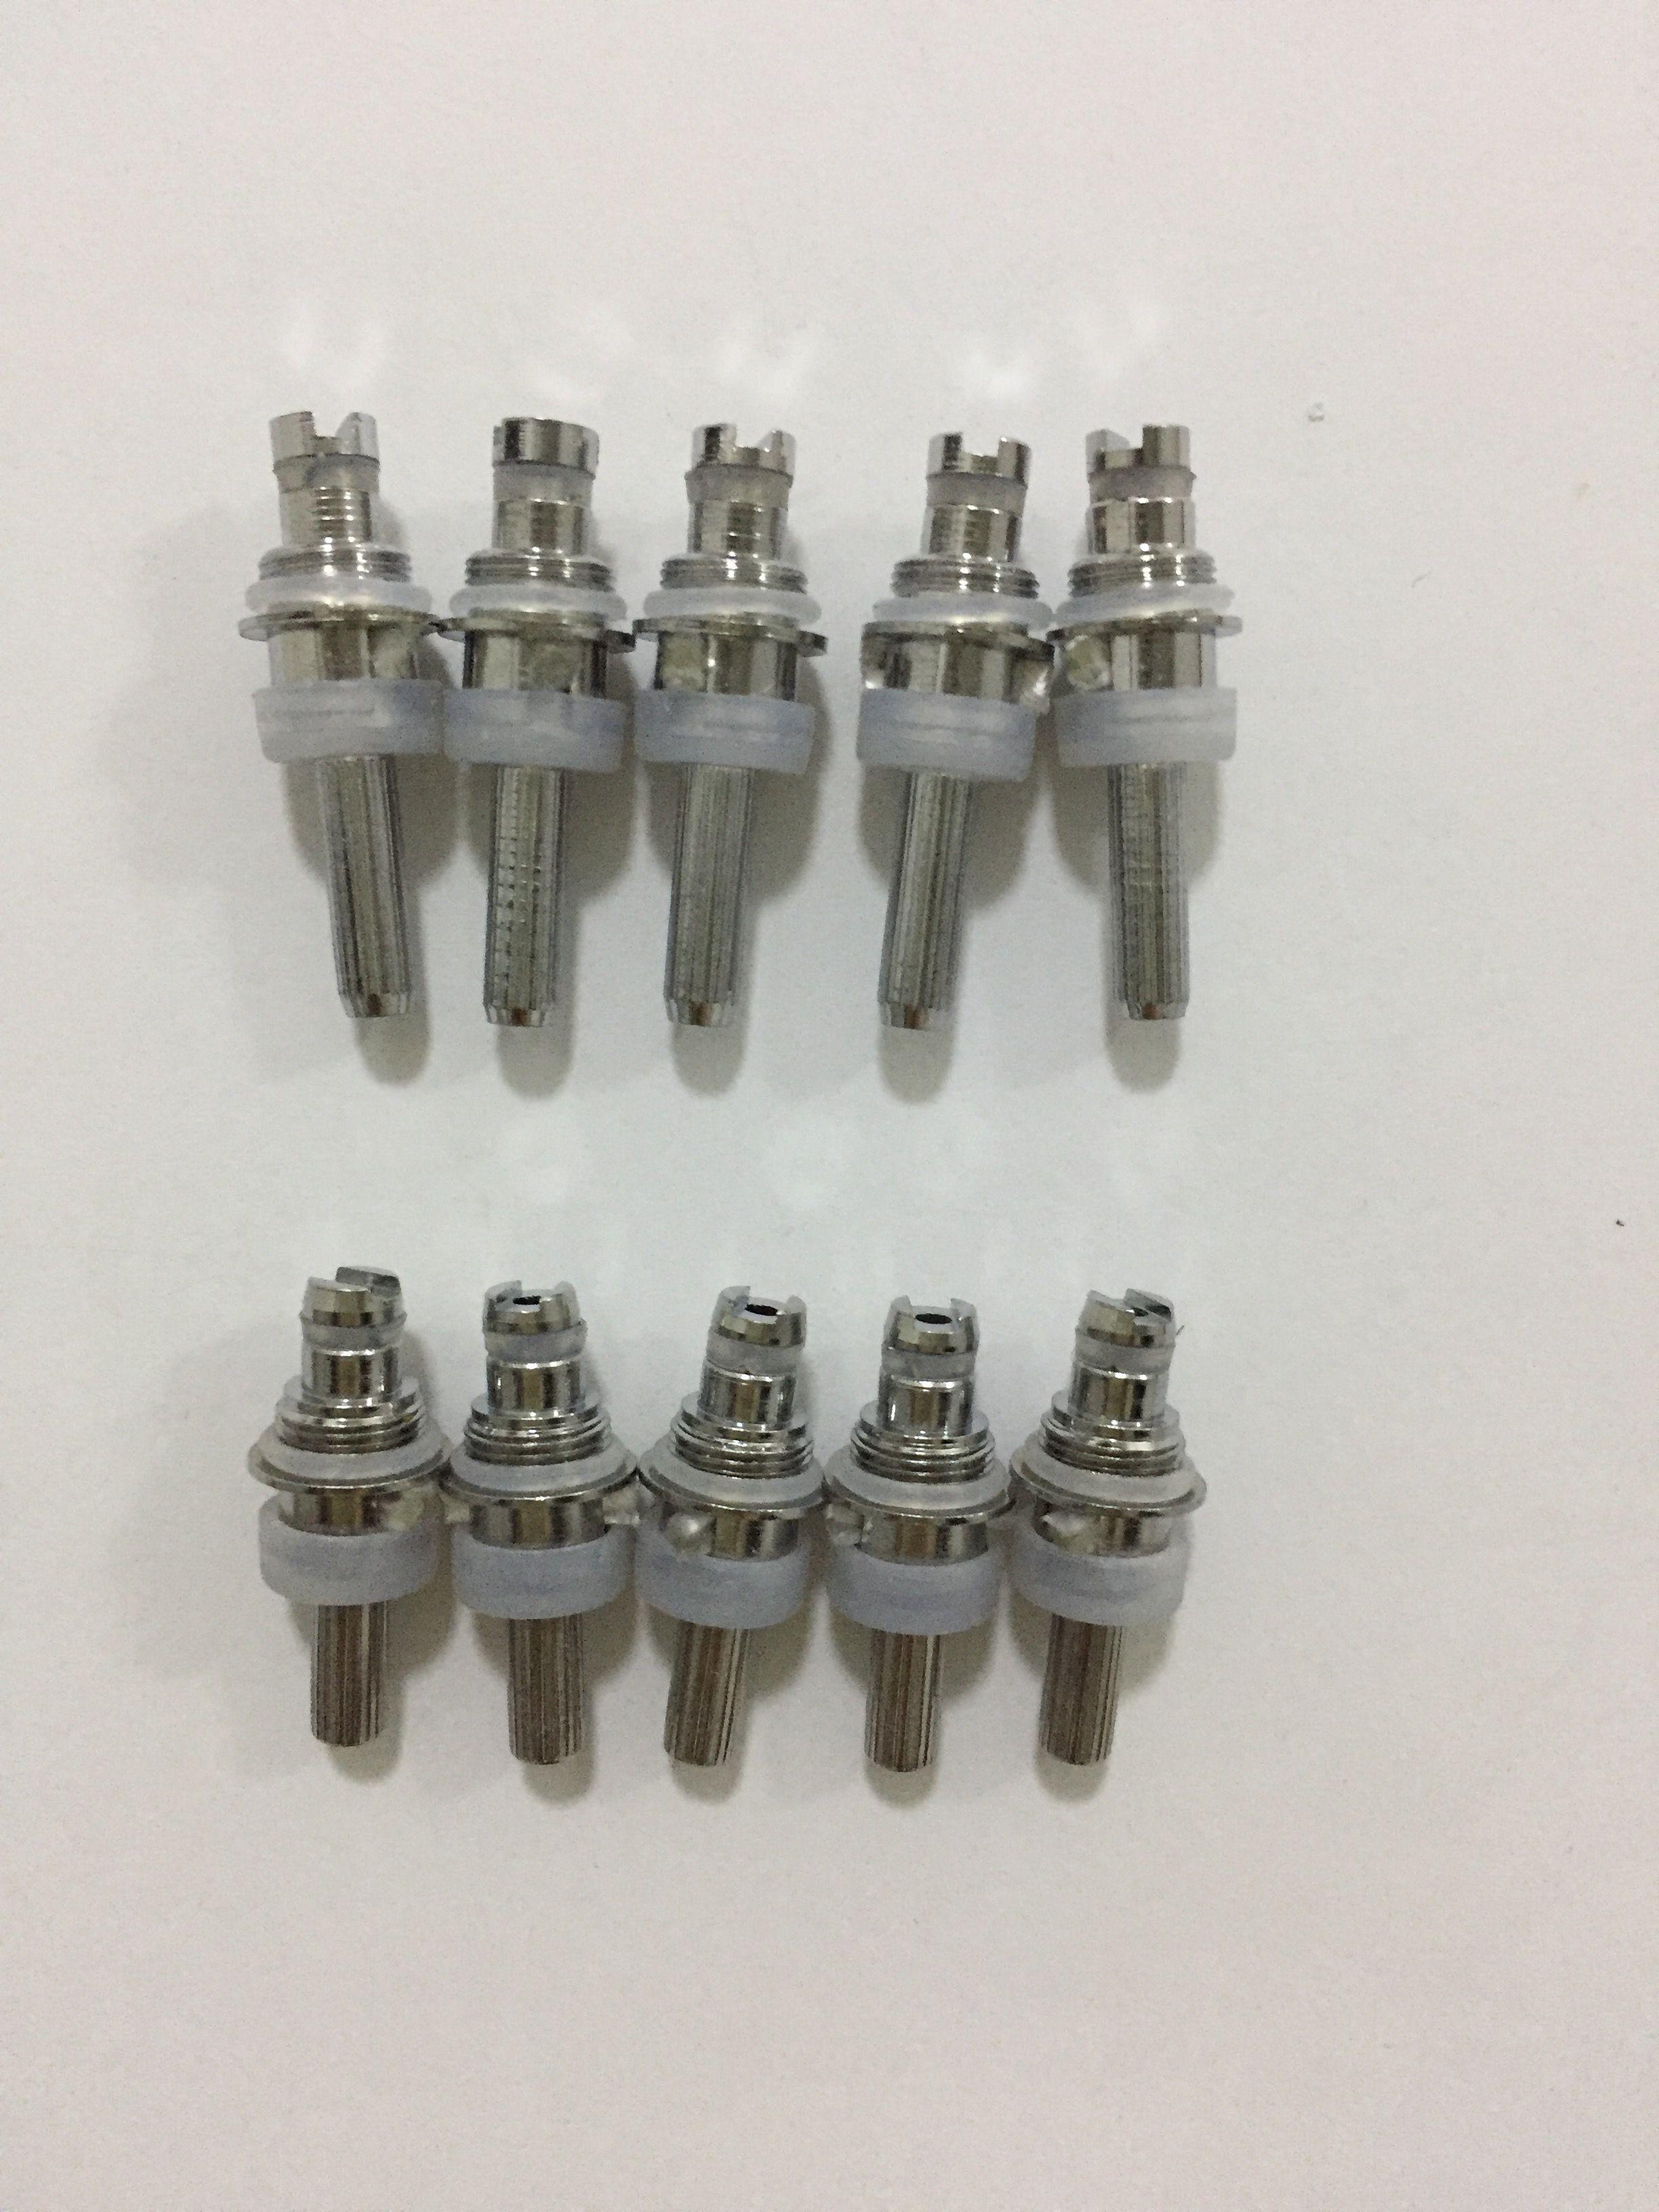 2015 Heating Wire Atomizer Core for MT3/H2 GS H2 Evod MT3 Cartomizer e cig e cigarette Detachable Coil Head ecig007